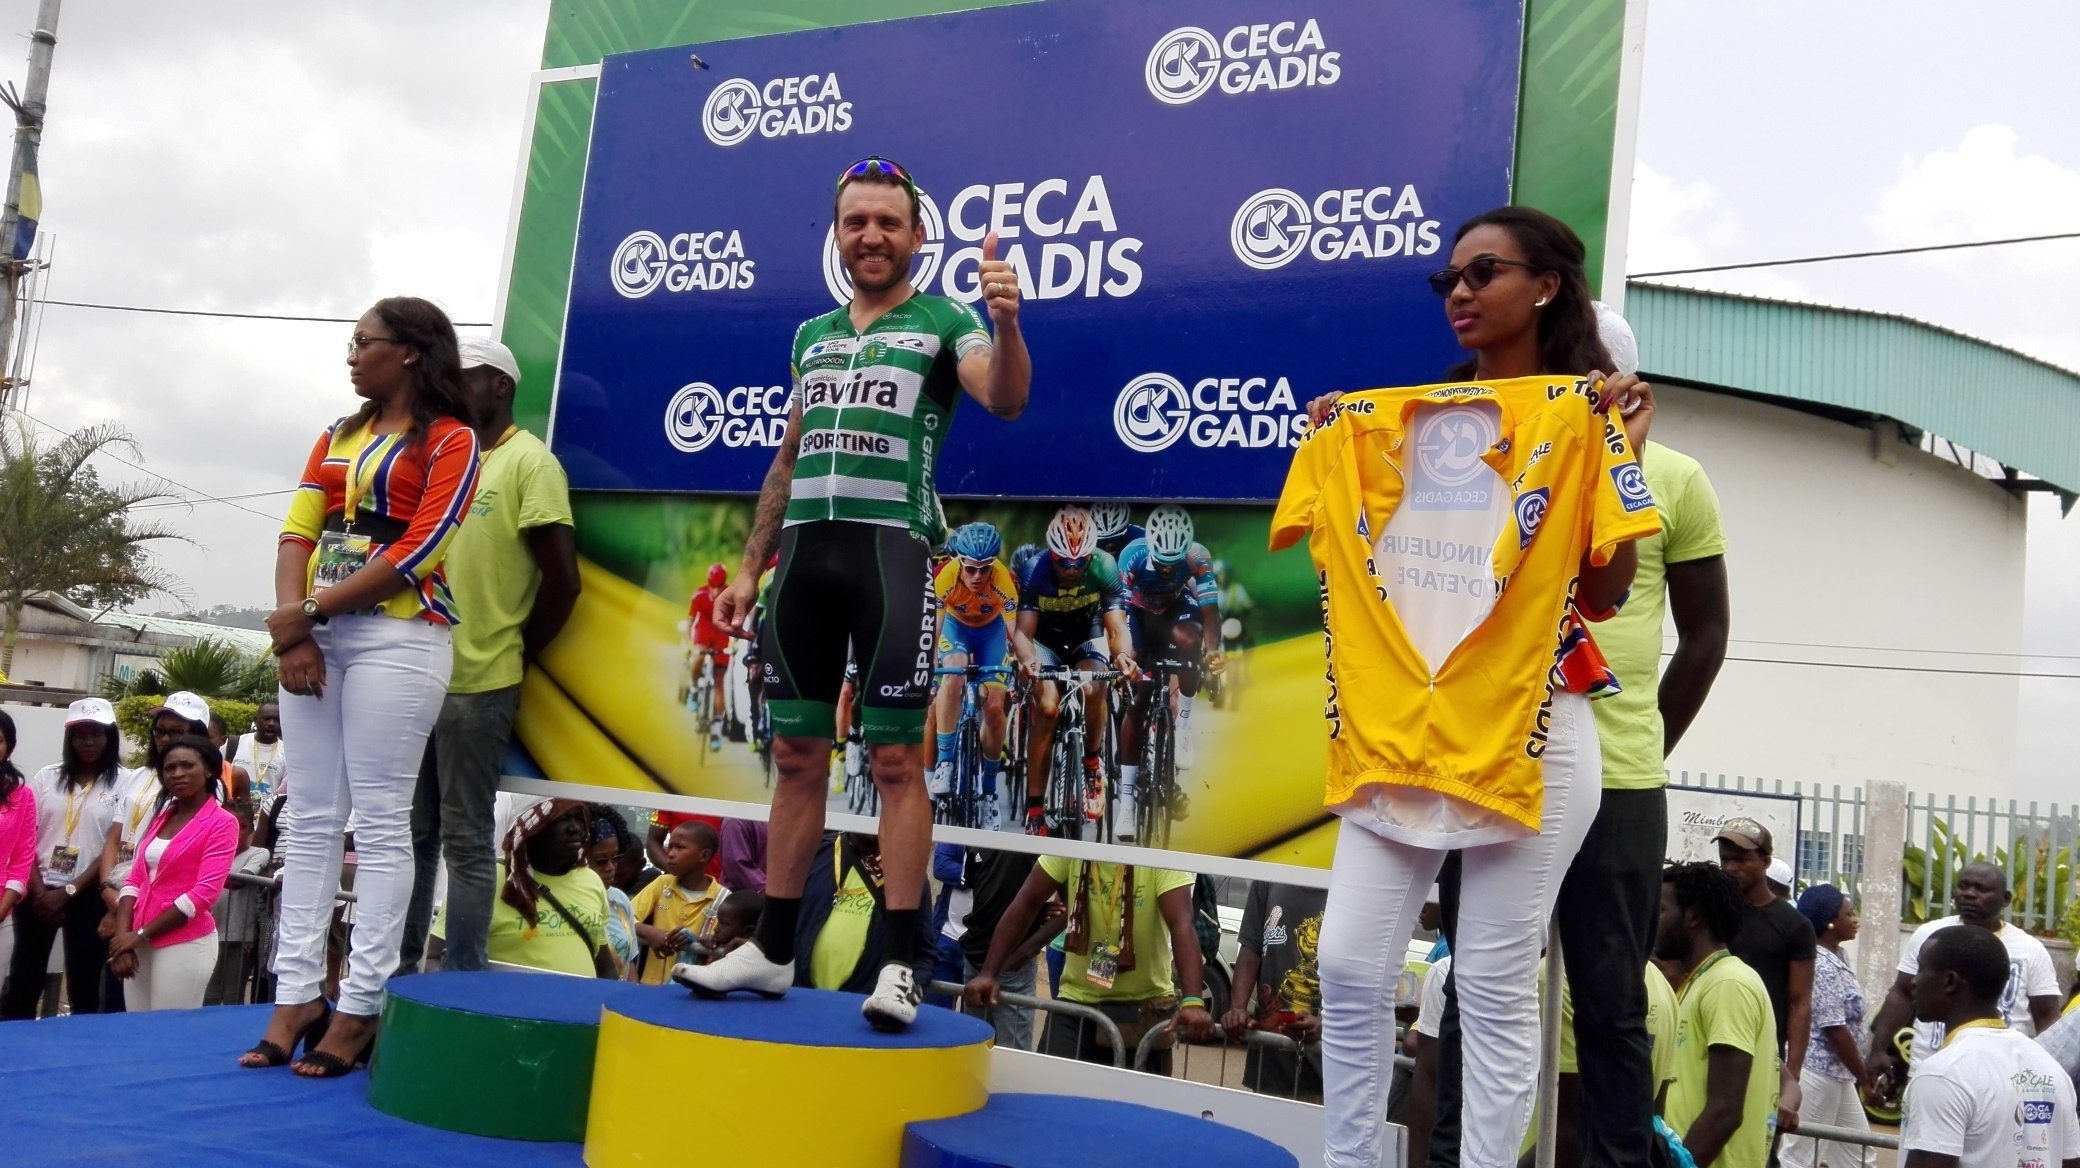 Ринальдо Ночентини выиграл шестой этап велогонки La Tropicale Amissa Bongo